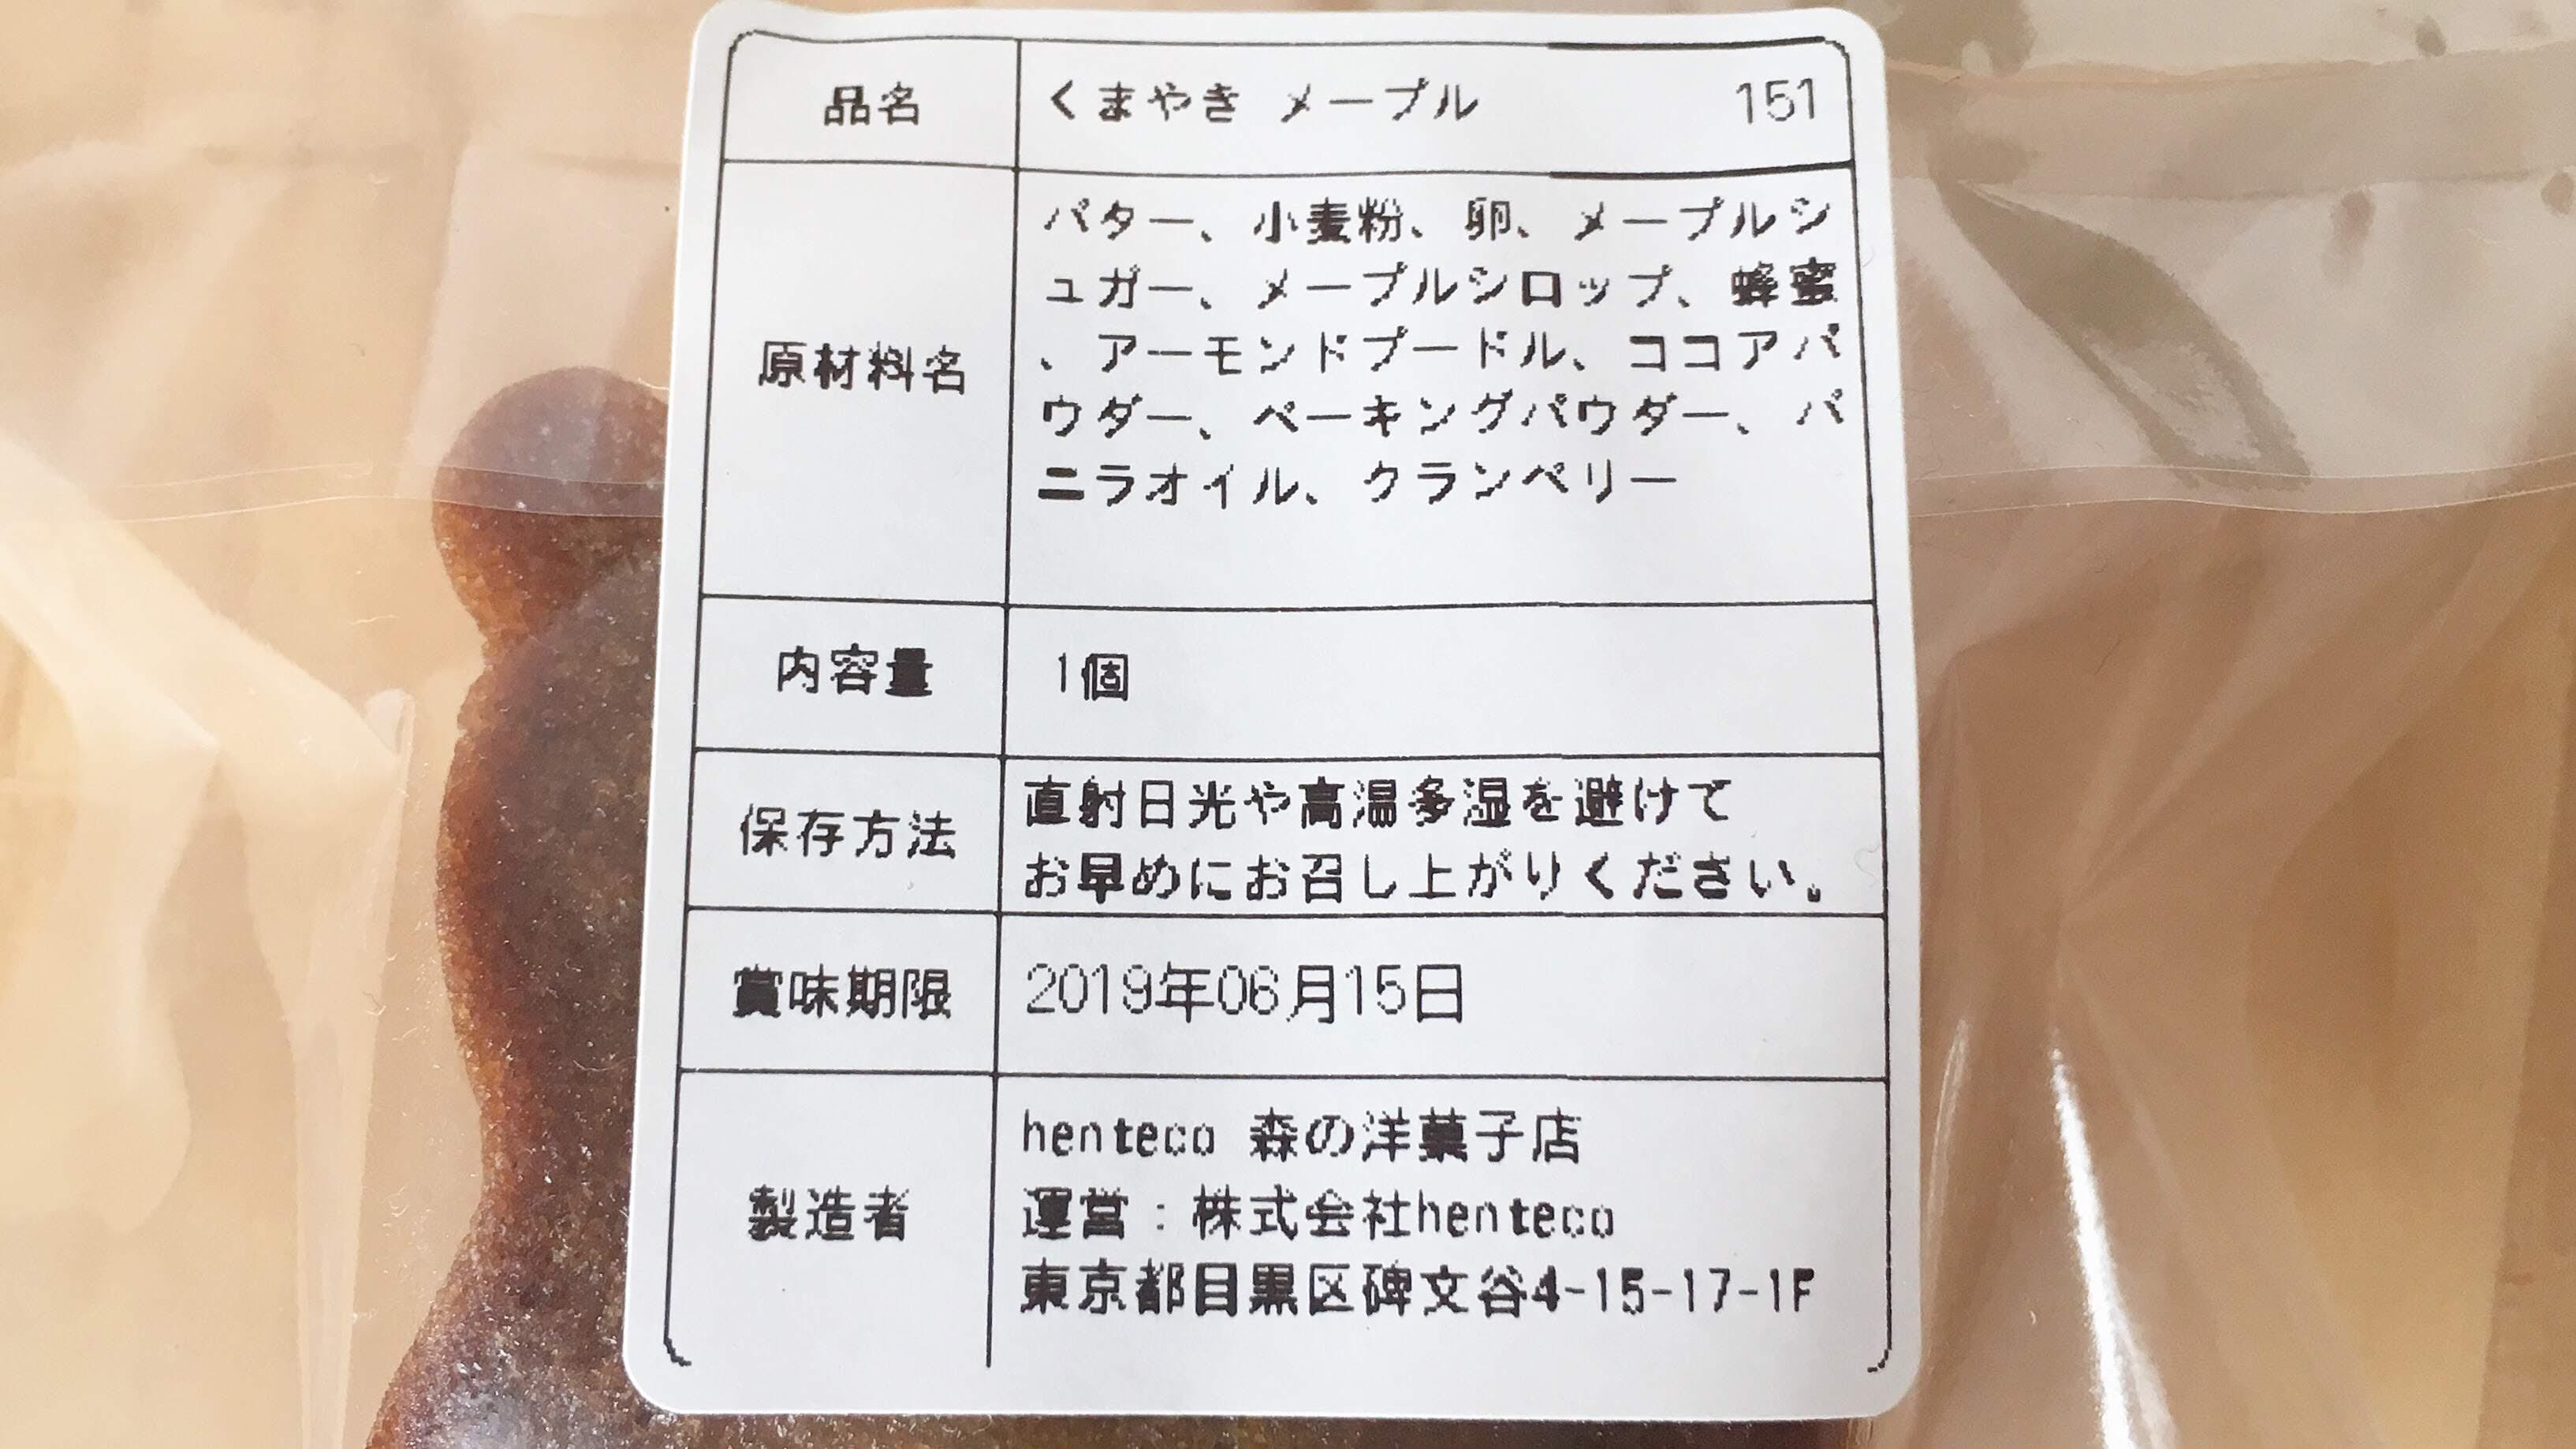 動物クッキーが人気なヘンテコ森の洋菓子店のくまやきメープル味の製品表示と賞味期限